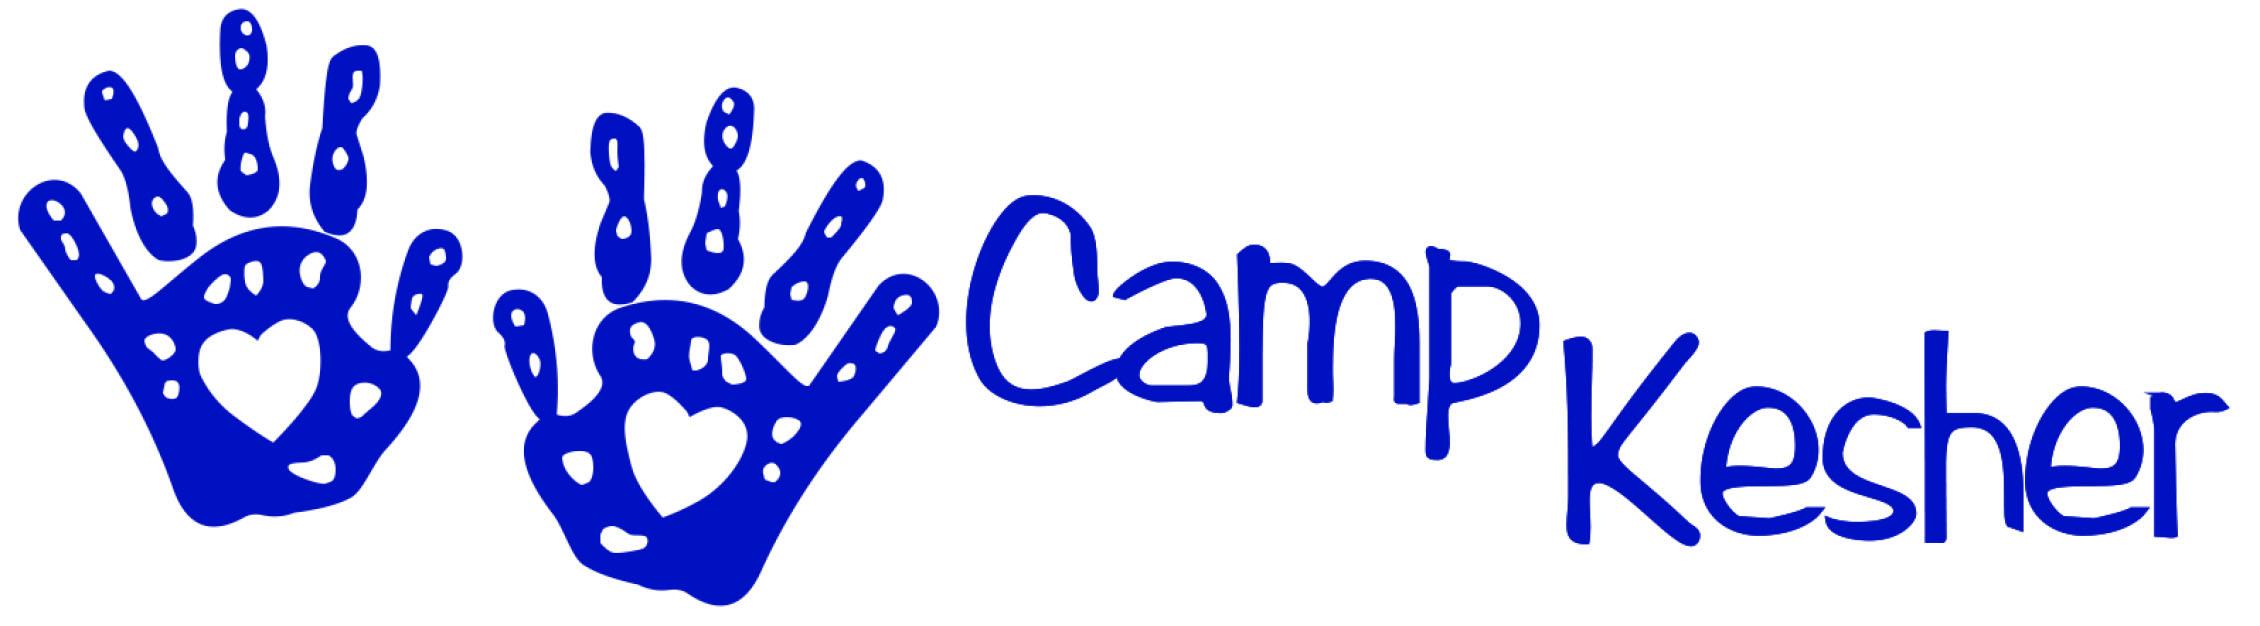 Camp Kesher